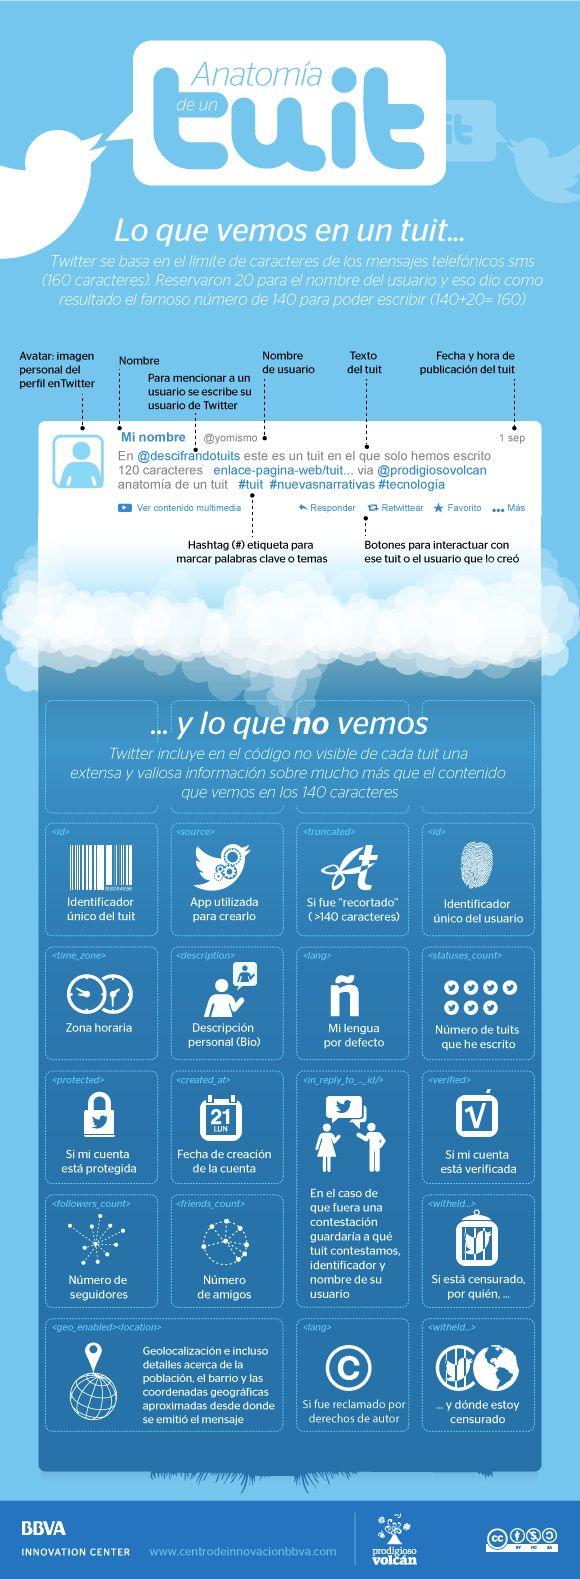 Anatomia de un Tweet | DigitalTroupe